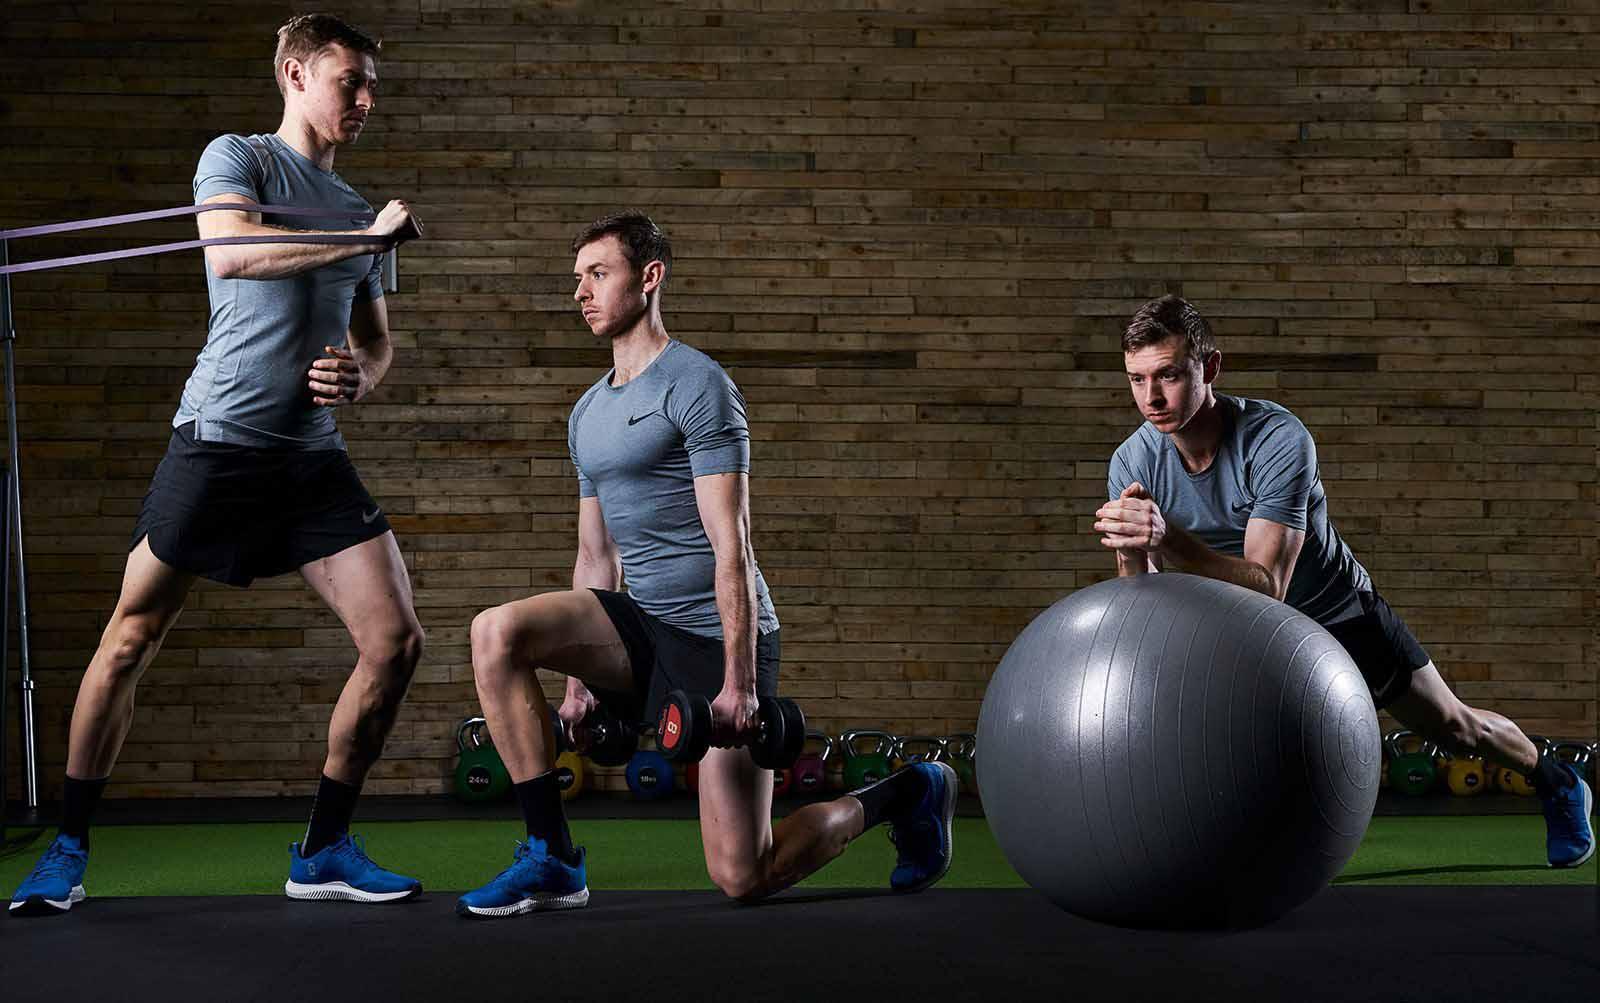 Những lưu ý trong quá trình tập Gym giảm cân nam bạn không nên bỏ qua